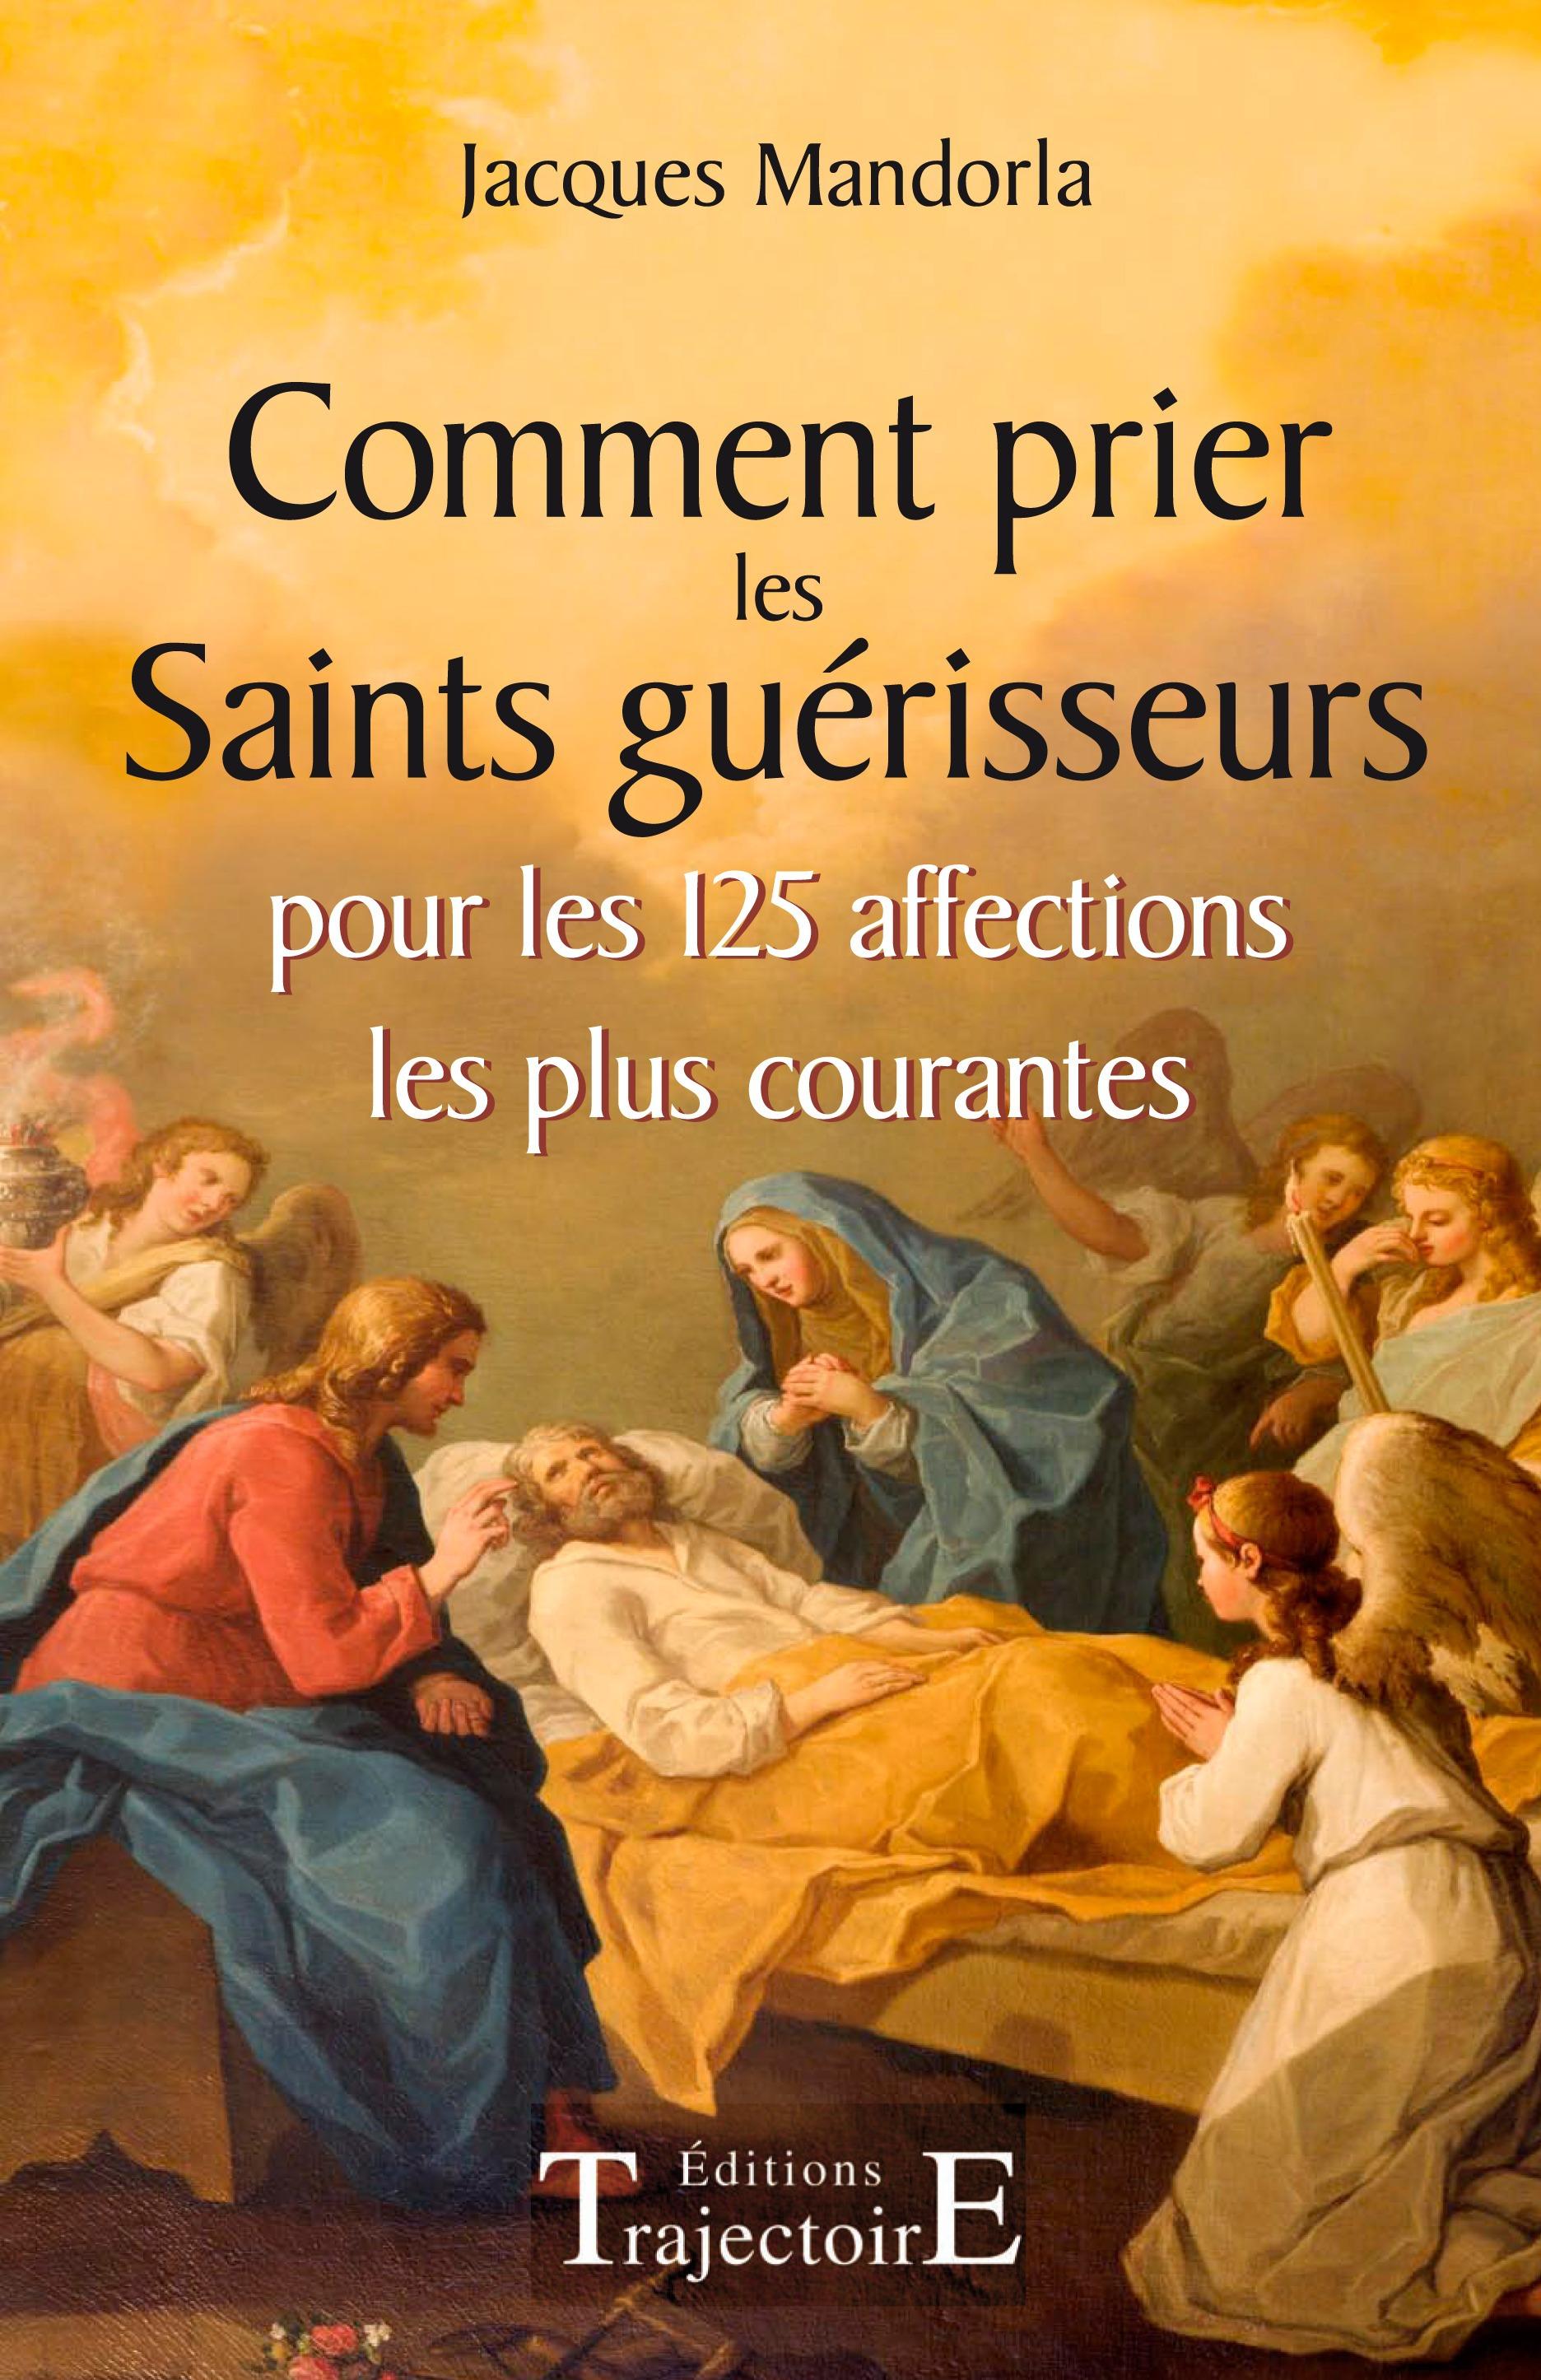 Jacques Mandorla Comment prier les Saints guérisseurs